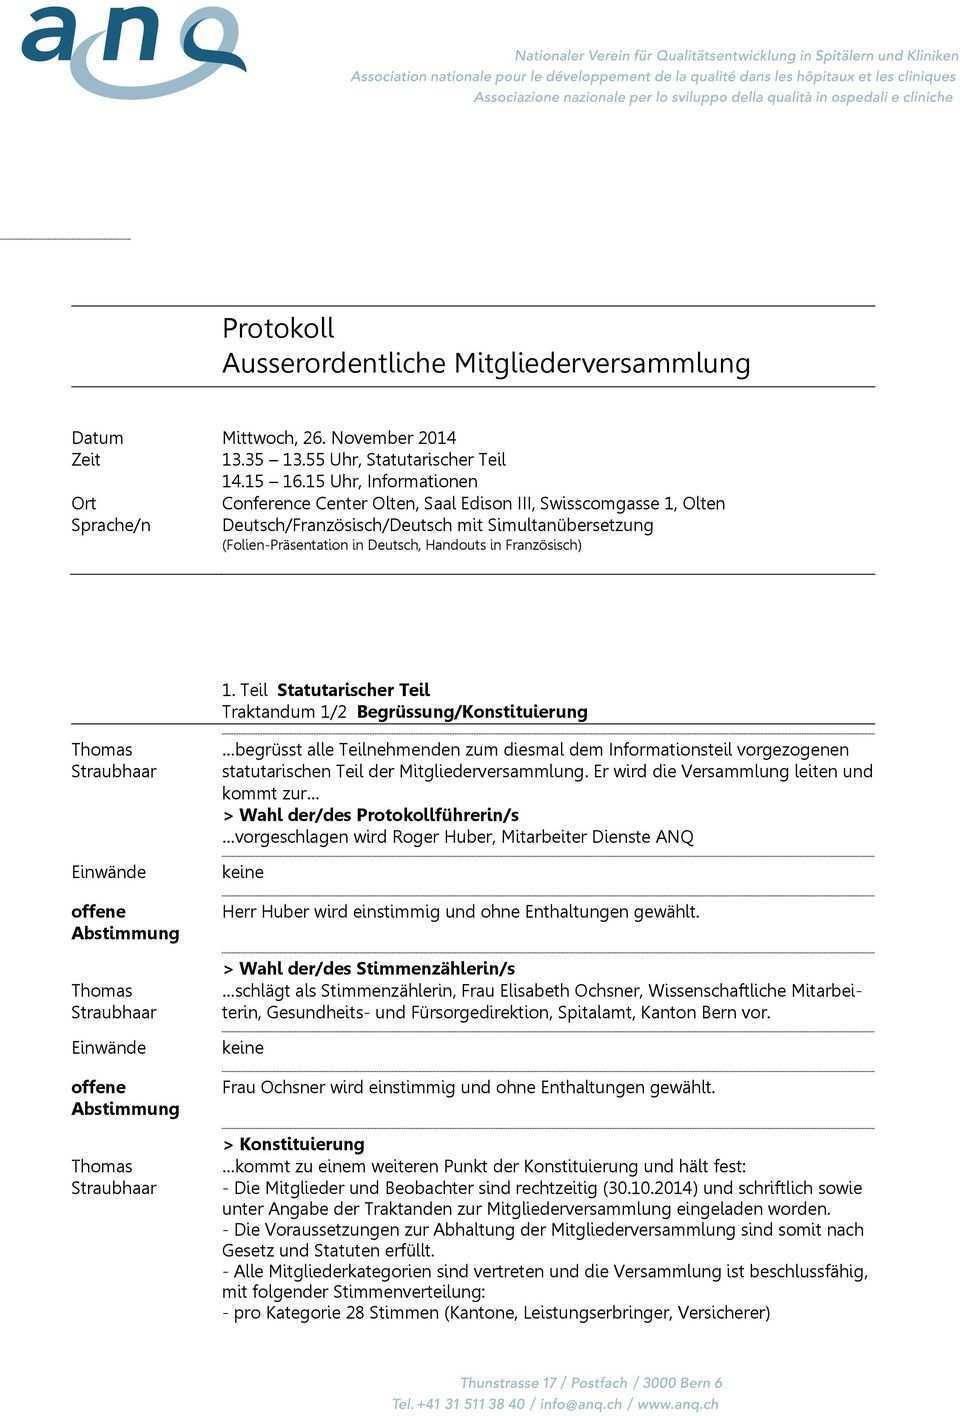 Protokoll Ausserordentliche Mitgliederversammlung Pdf Kostenfreier Download